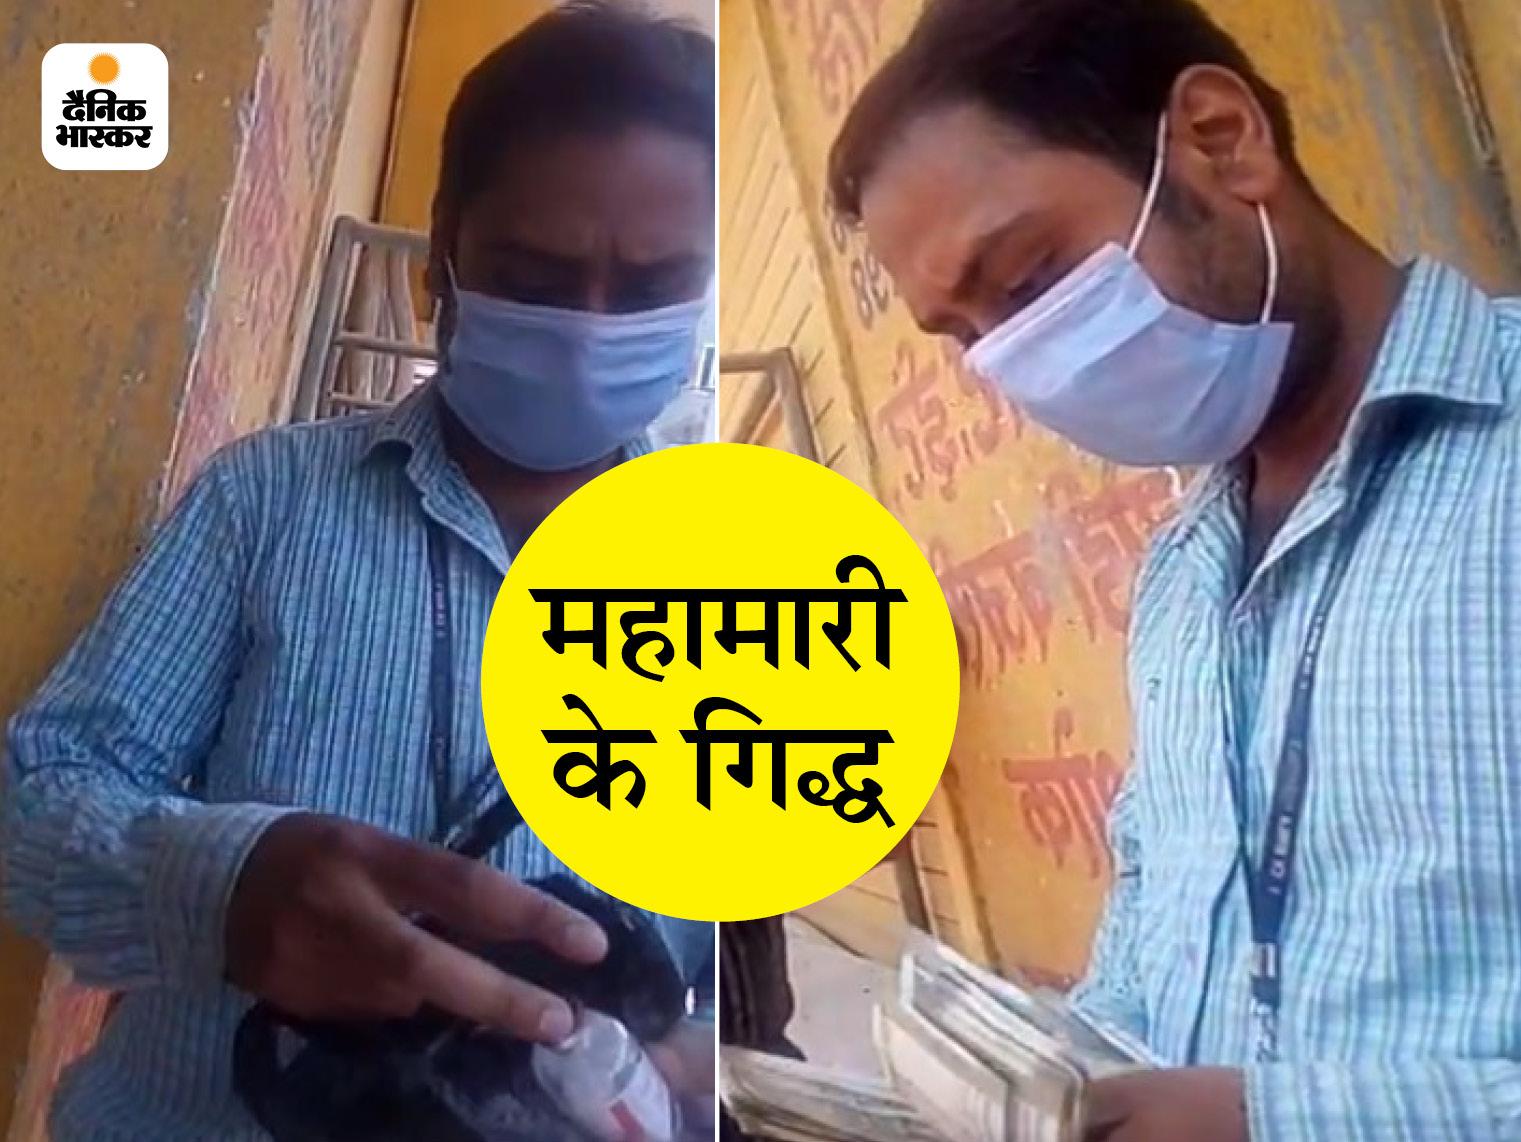 3500 रुपये कारेमडेसिविर इंजेक्शन बेच रहे 30 हजार में, सच छुपाने के लिए वायल पर लिखा बैच नंबर खुरचा; फिर मार्कर से मिटाया, ड्रग कंट्रोलर खामोश|जयपुर,Jaipur - Dainik Bhaskar